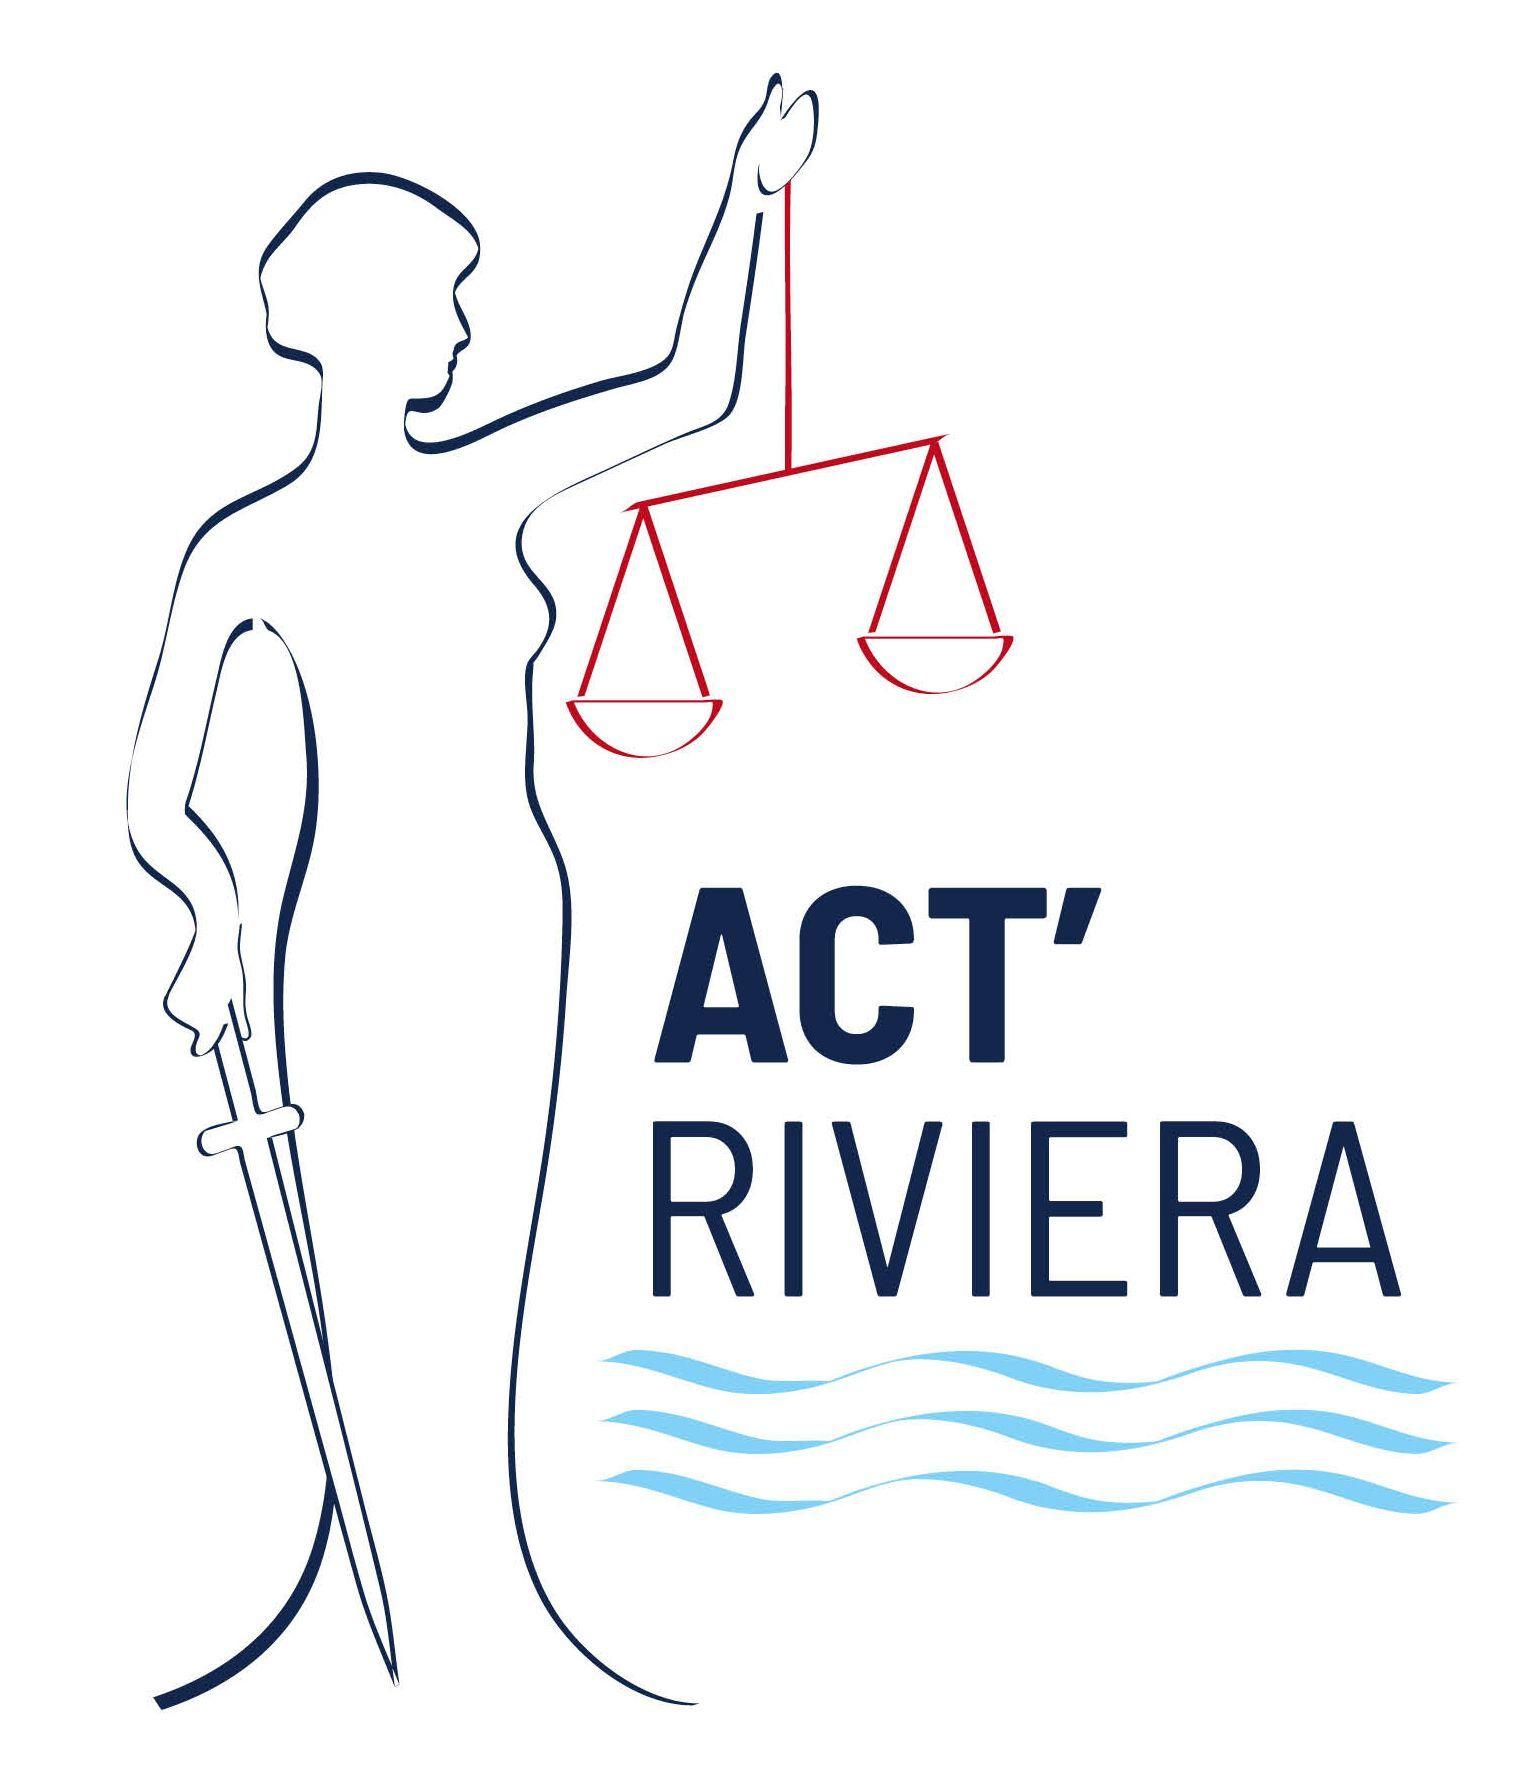 Act'riviera huissier de justice